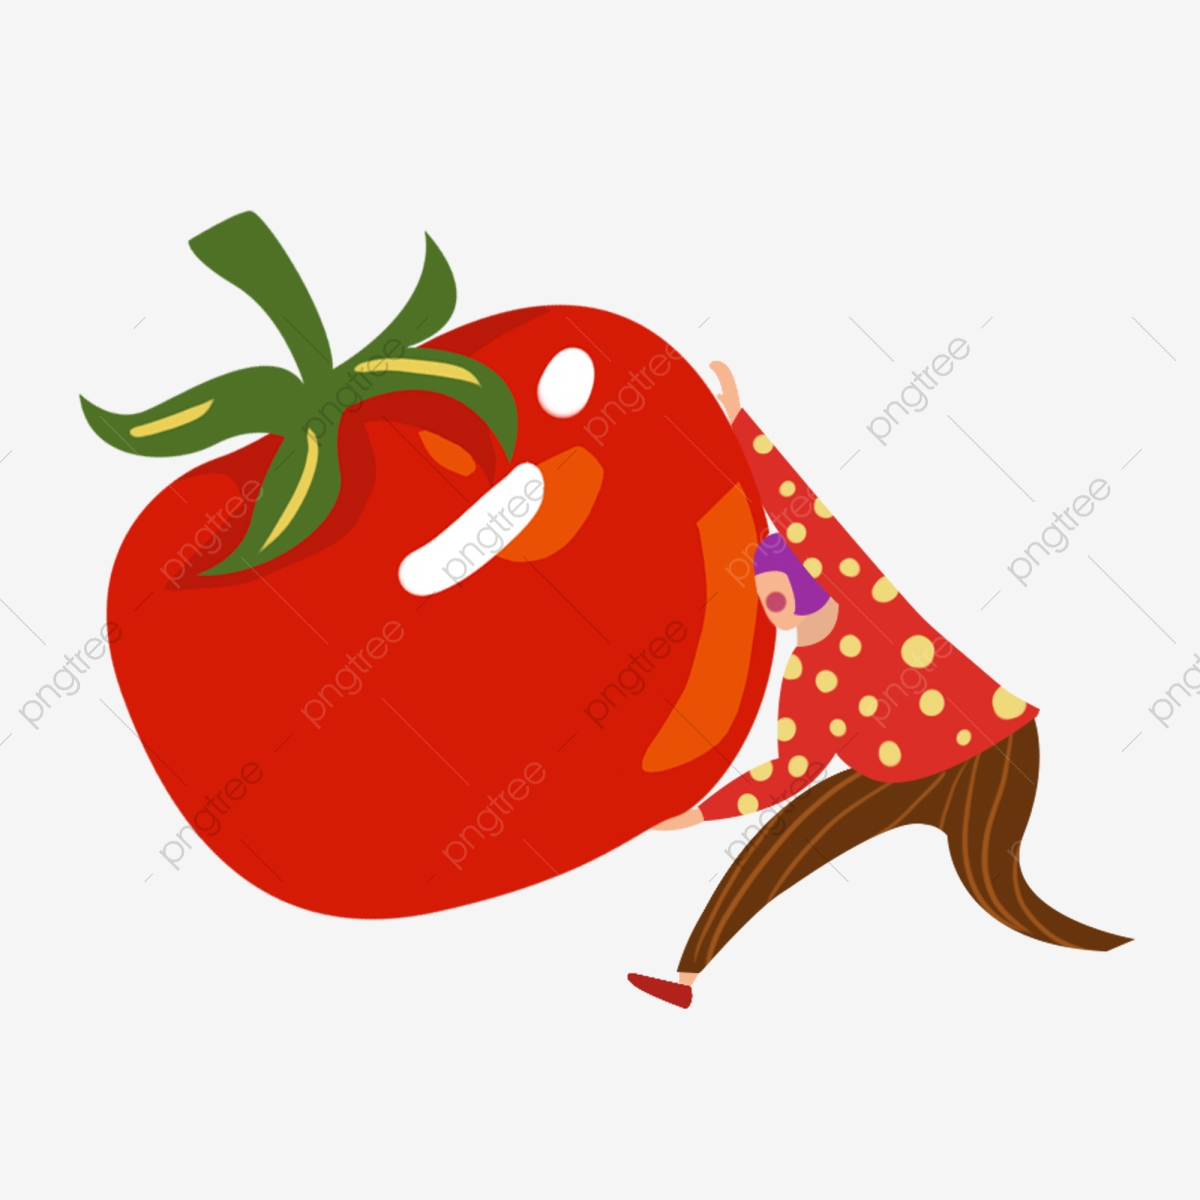 Unsur Komersial Untuk Orang Yang Berjuang Memindahkan Tomato